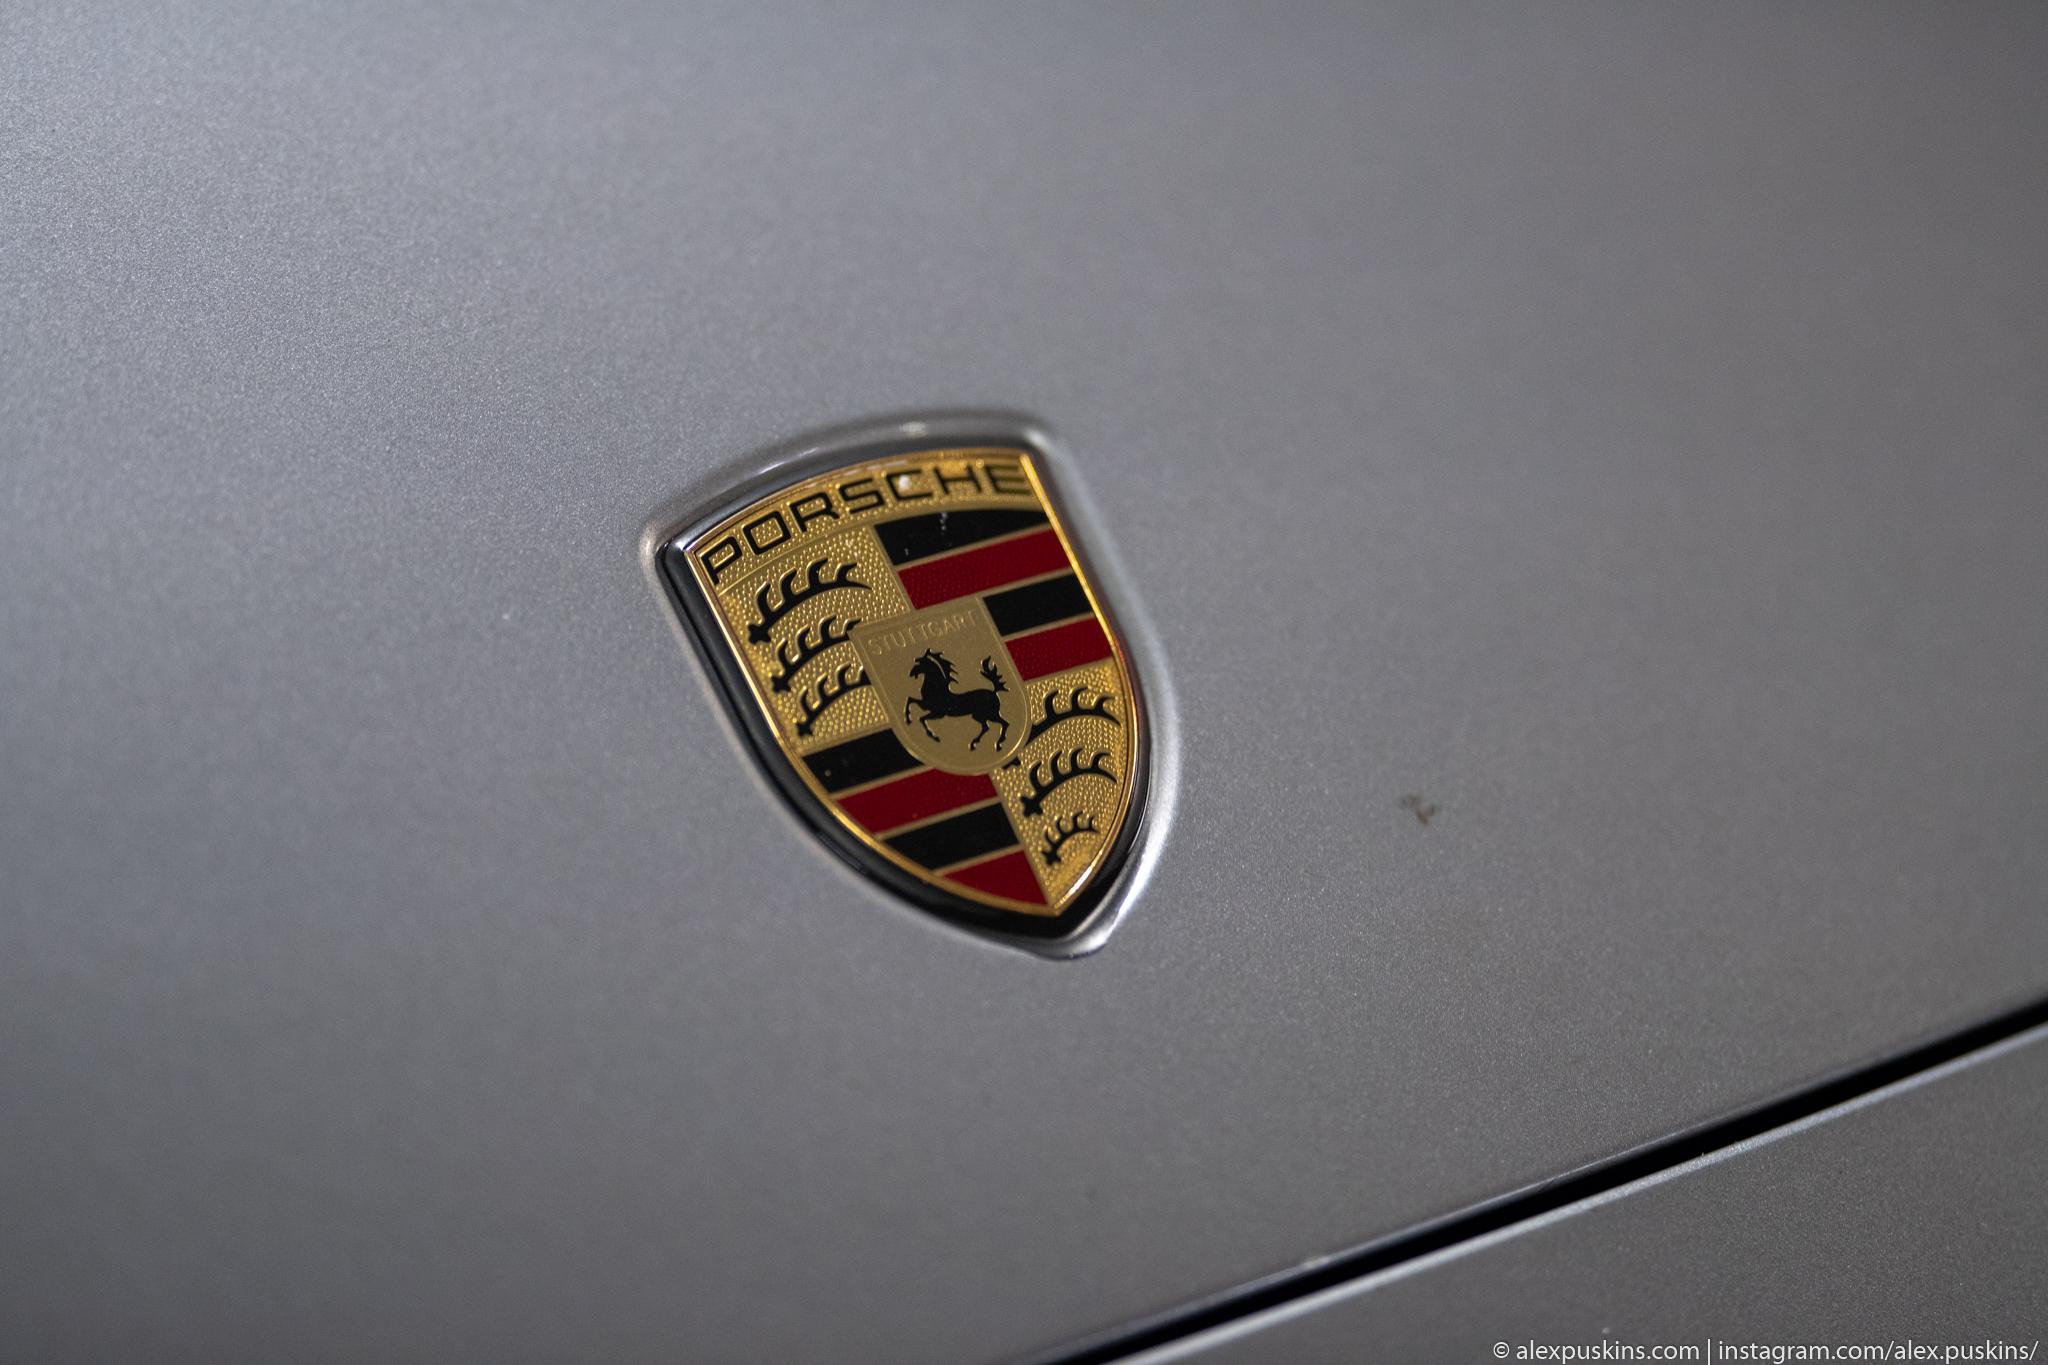 Познавательные новости про Volkswagen и Opel на портале Autobrands.lv